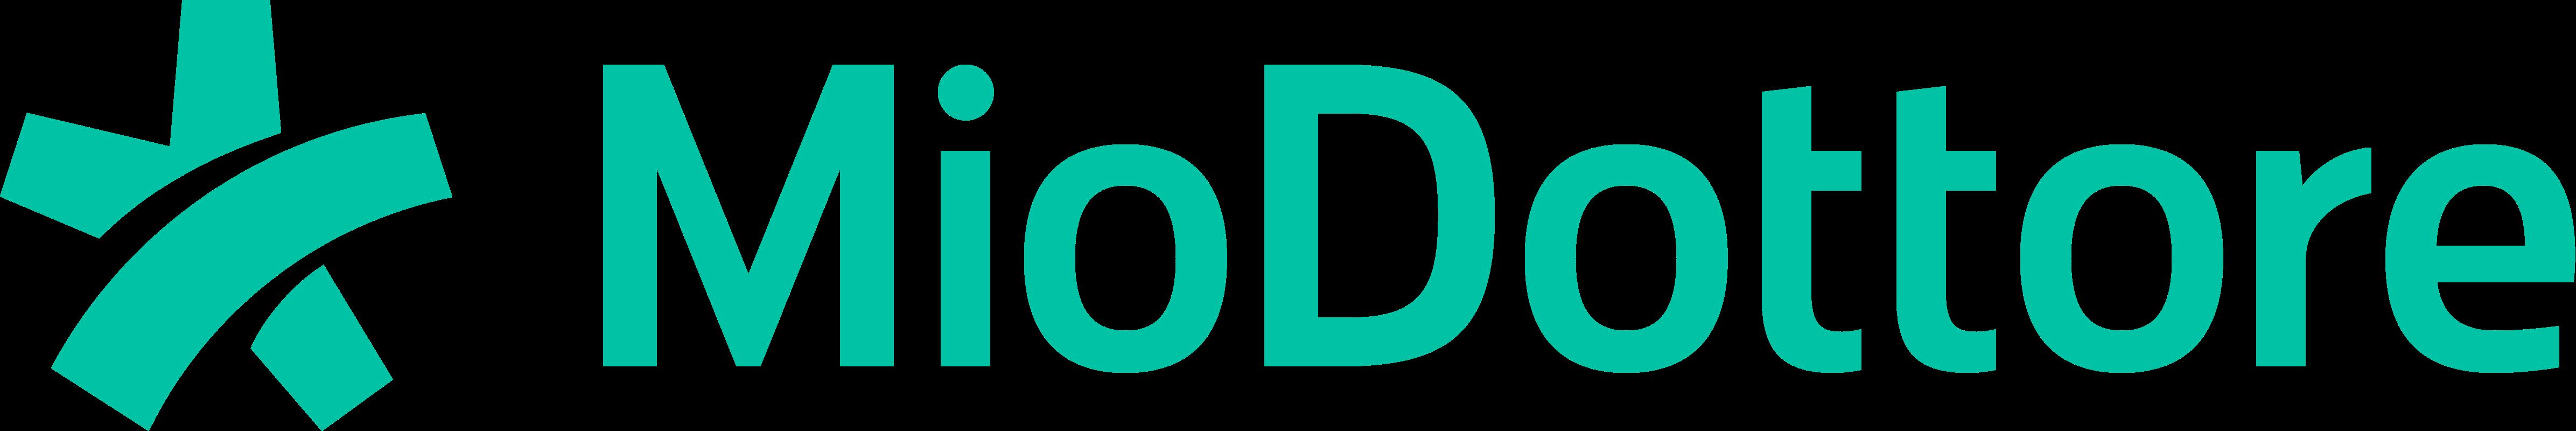 MioDottore logo